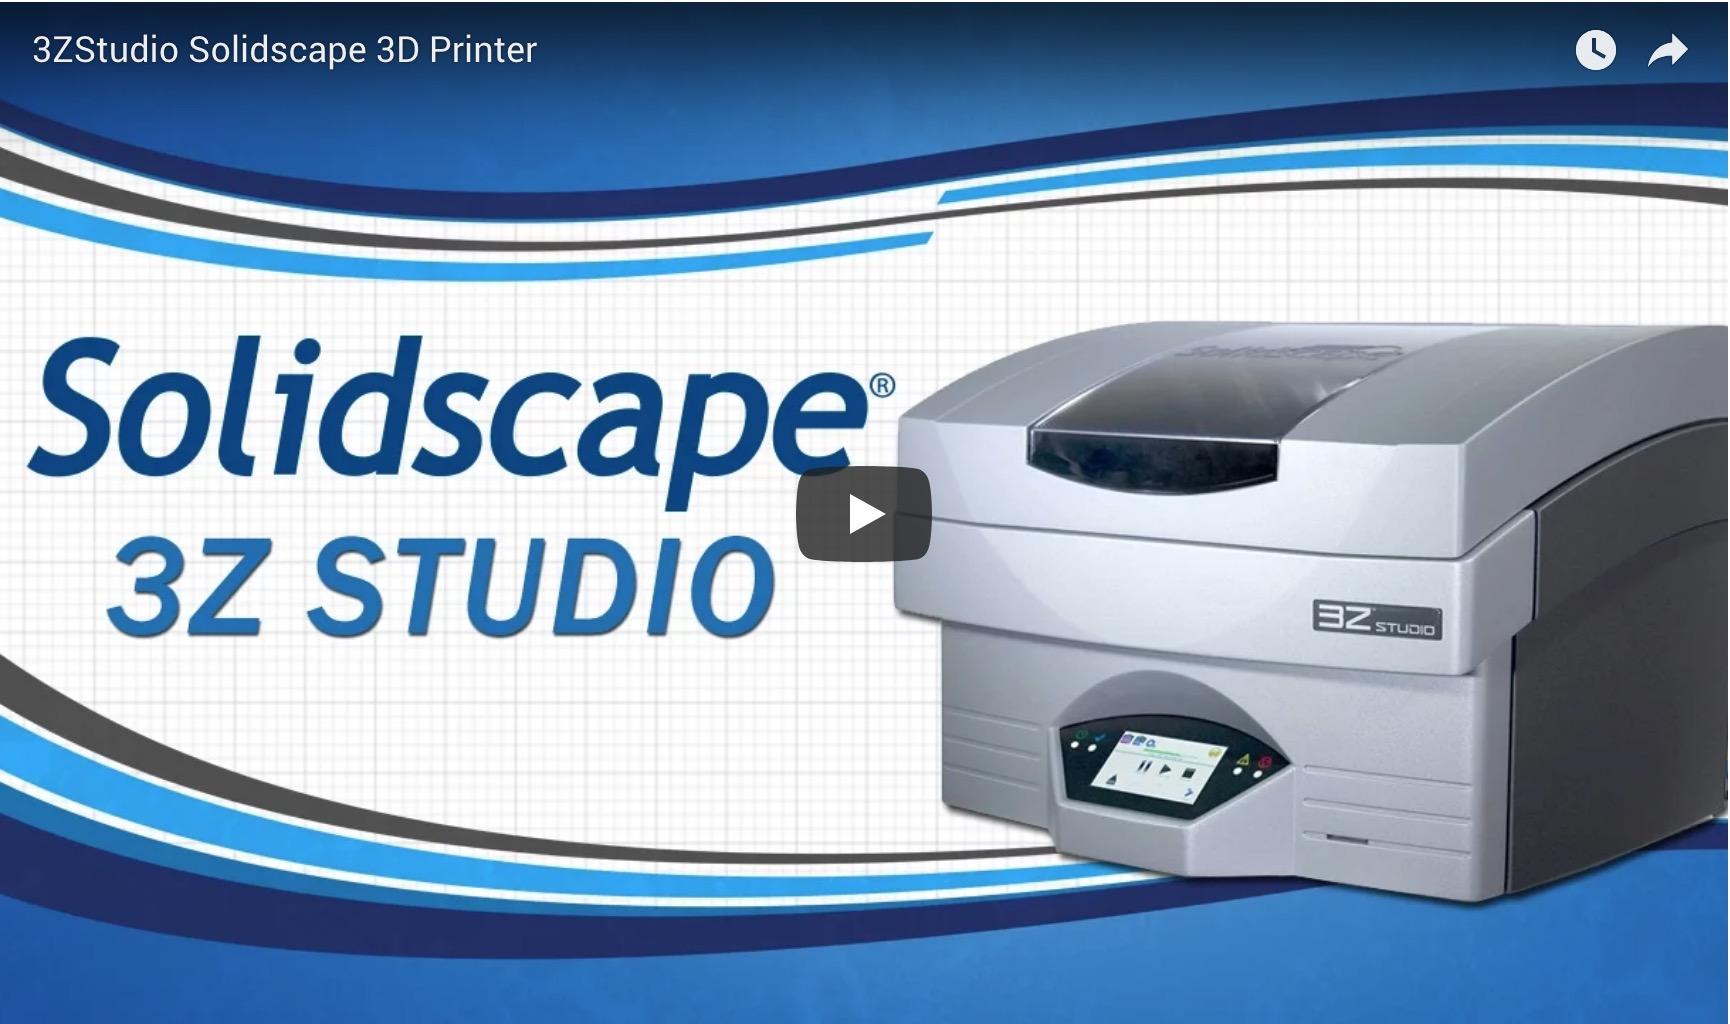 3ZStudio Solidscape 3D Printer